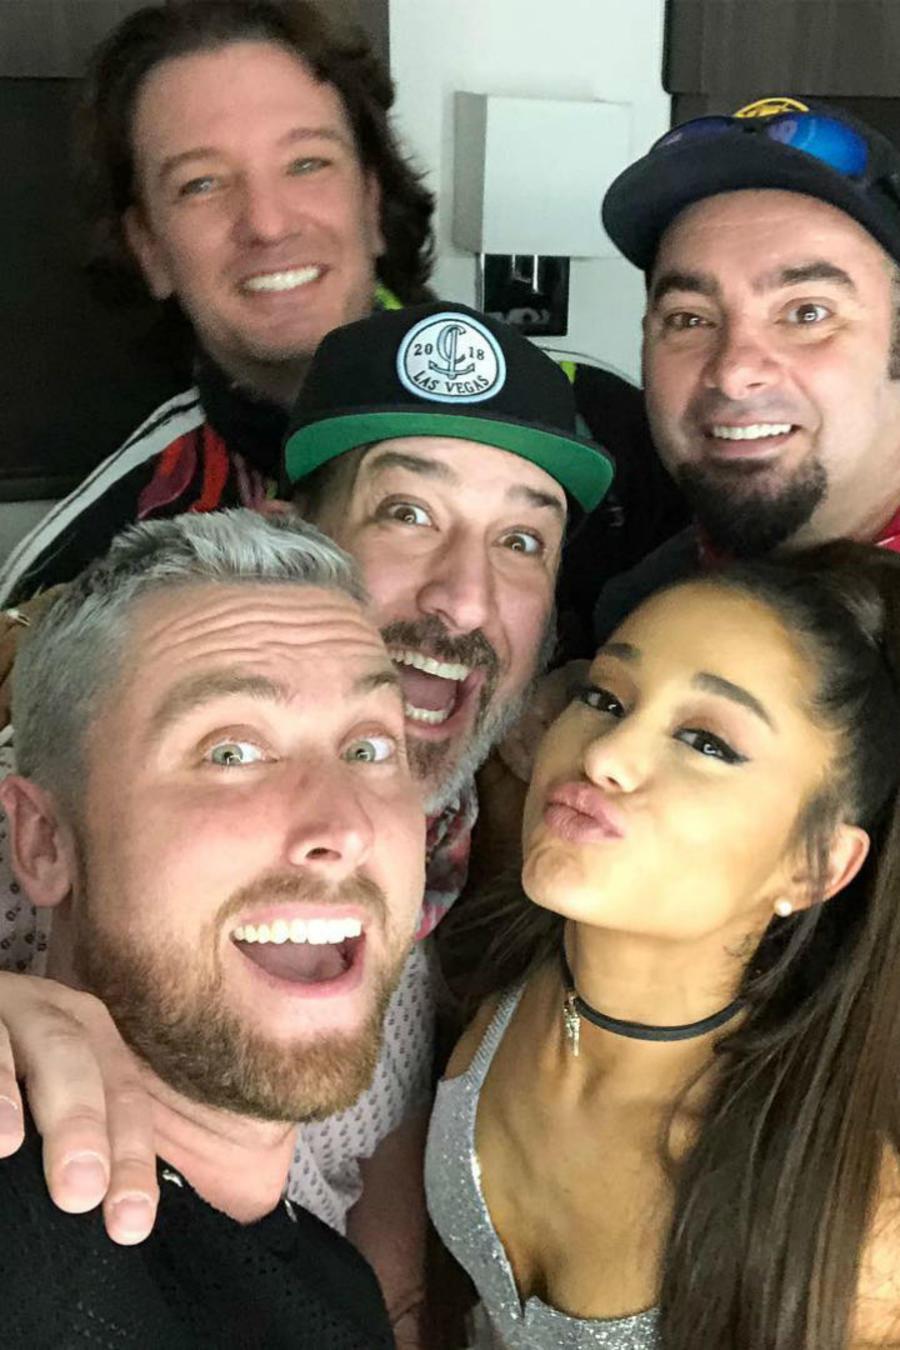 *NSYNC con Ariana Grande en Coachella 2019